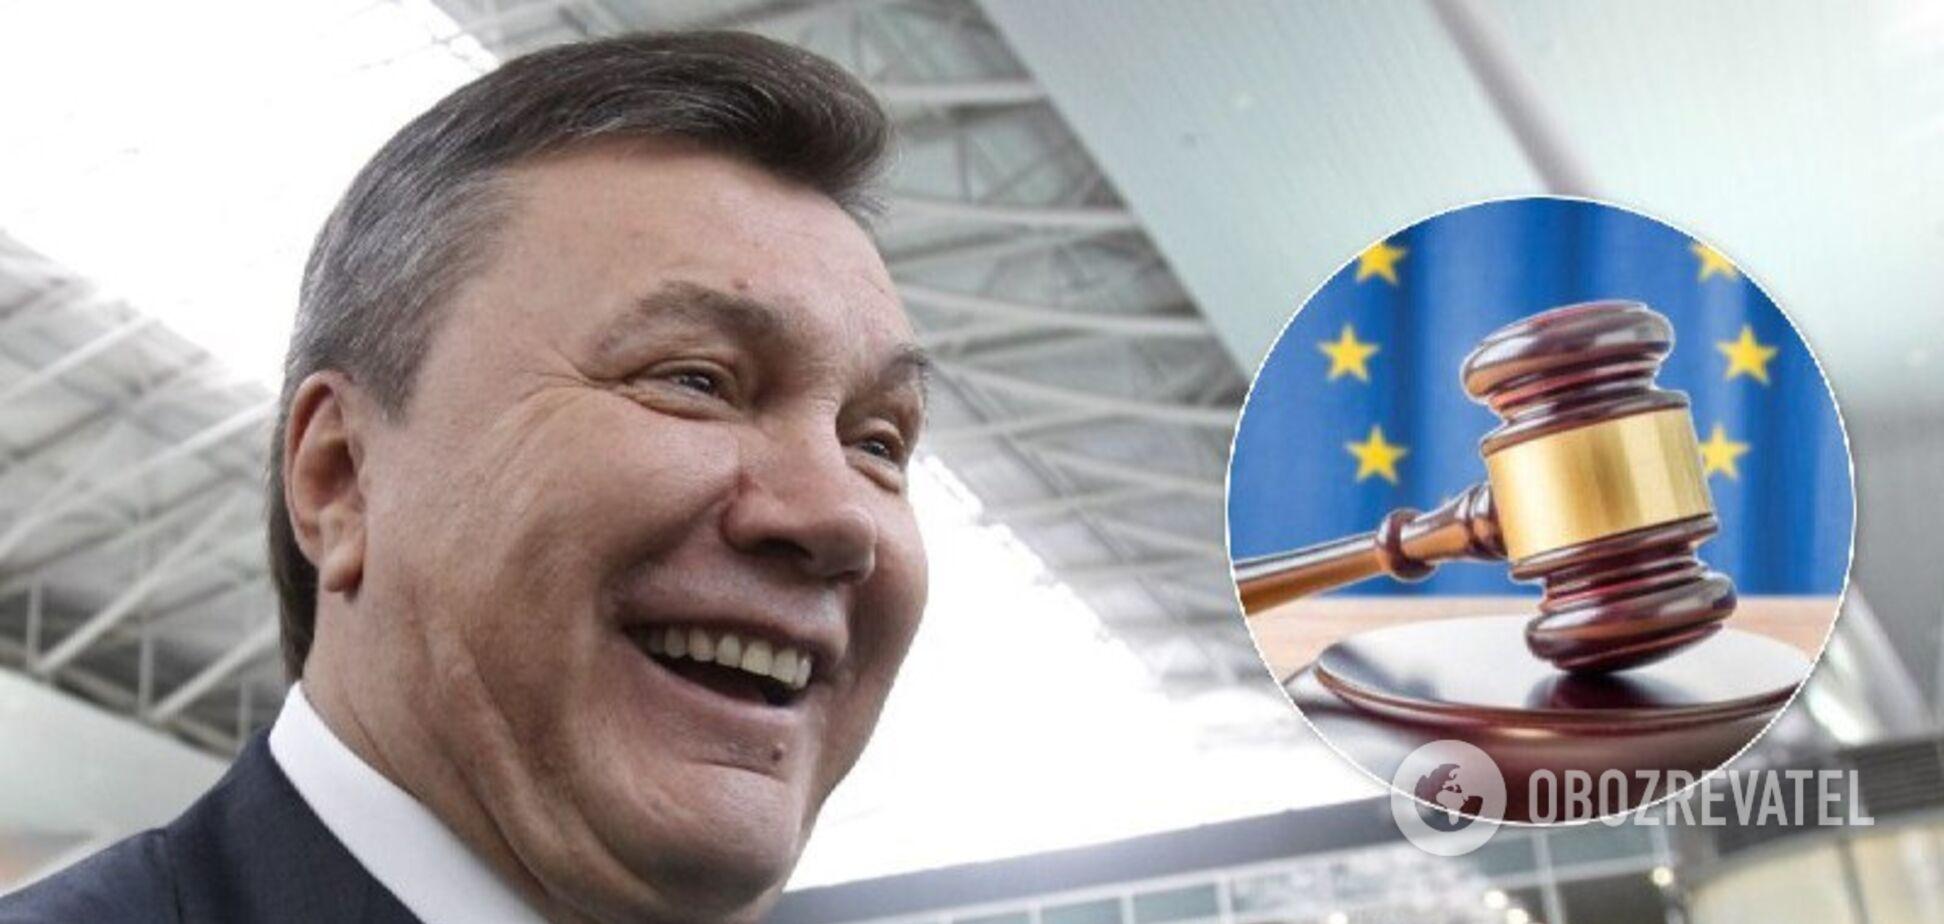 Санкции отменили: у Януковича сообщили о неожиданной 'подлости' ЕС